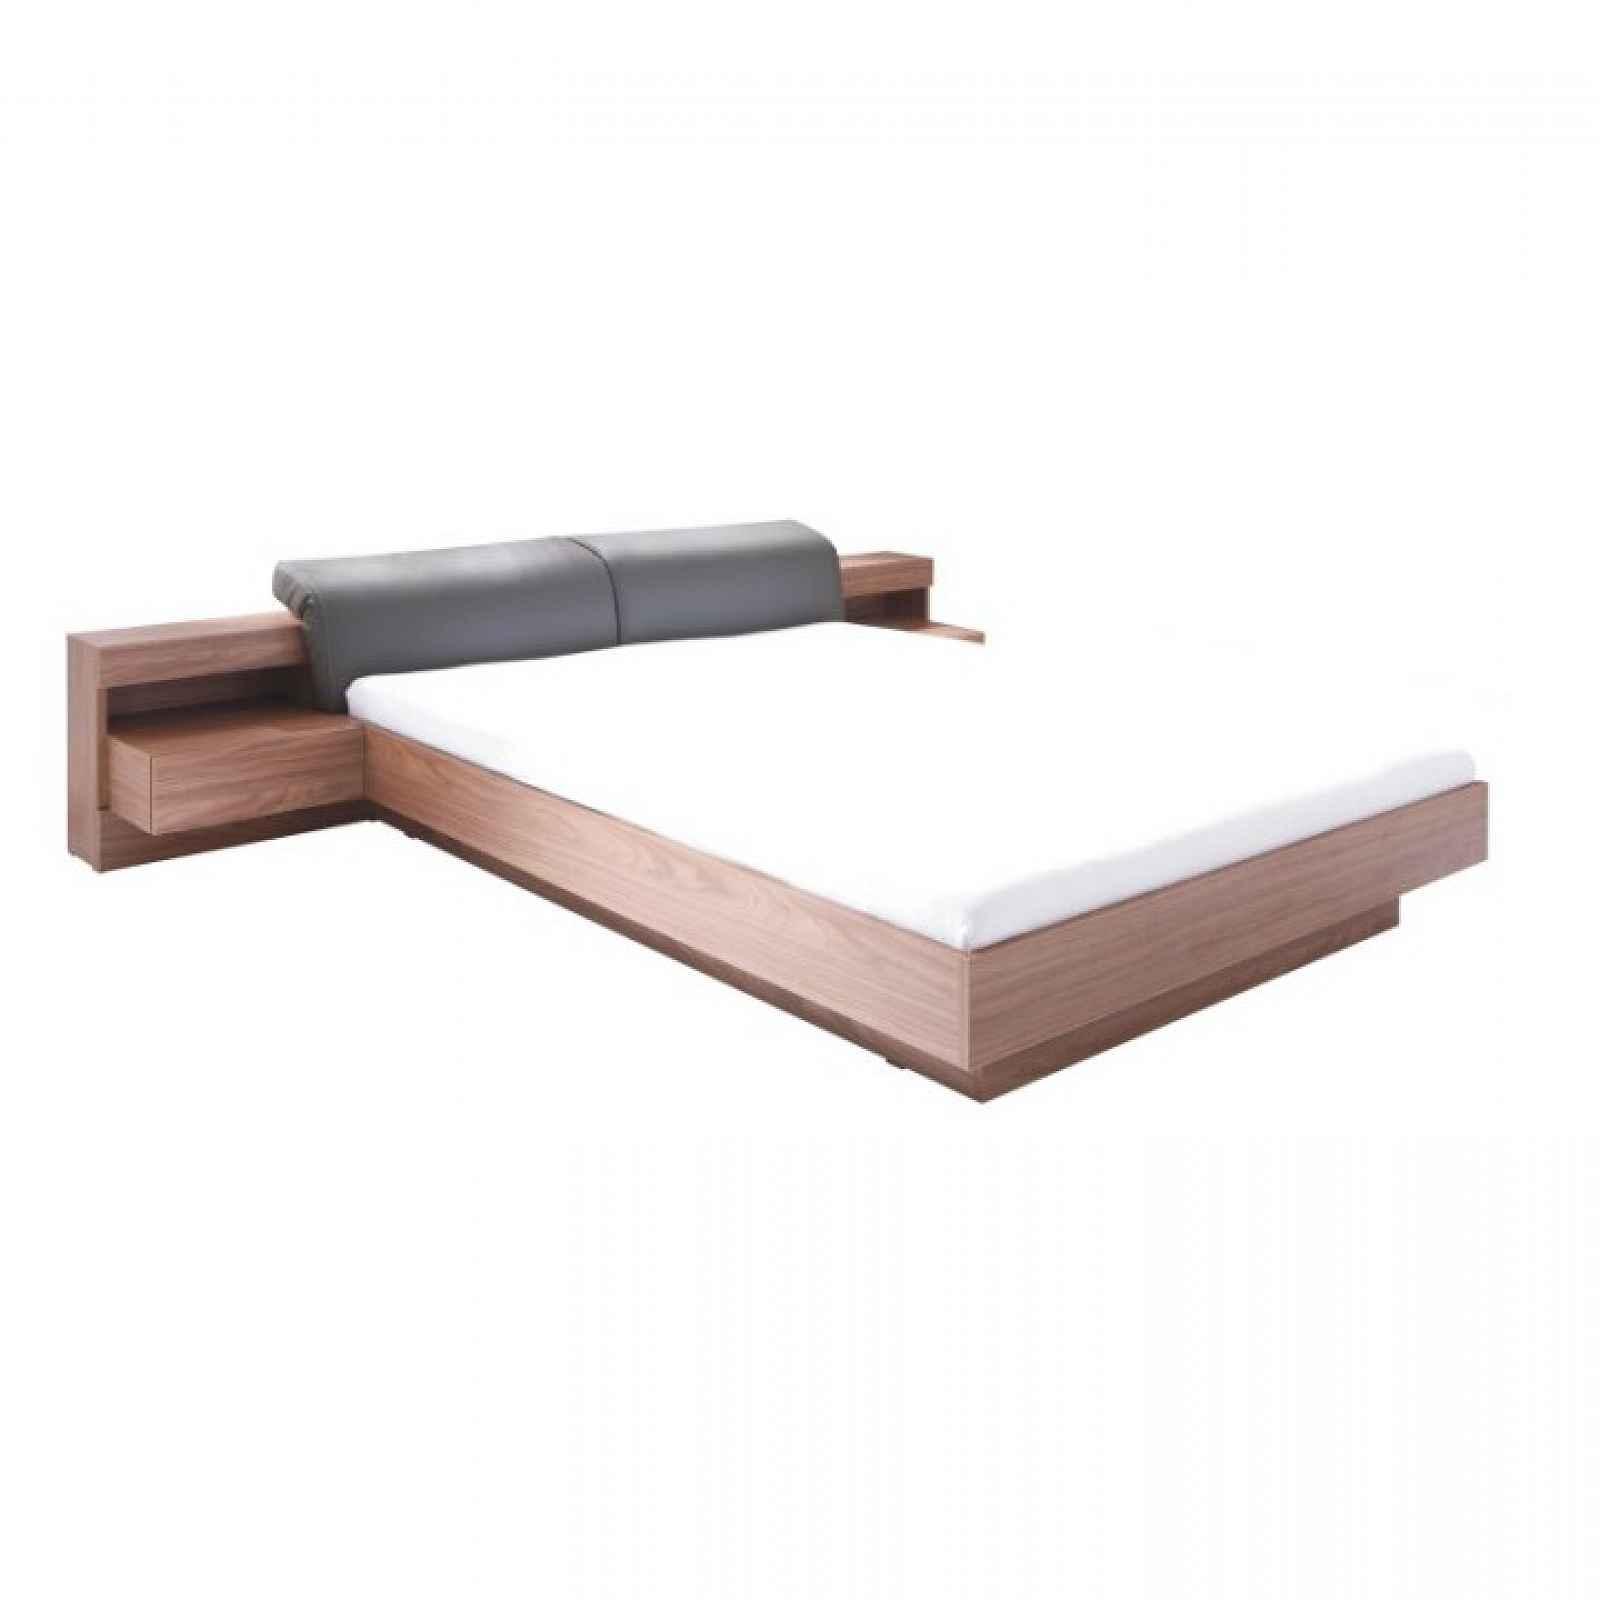 Manželská postel, 160x200, ořech / grafit, REKATO 0000210555 Tempo Kondela